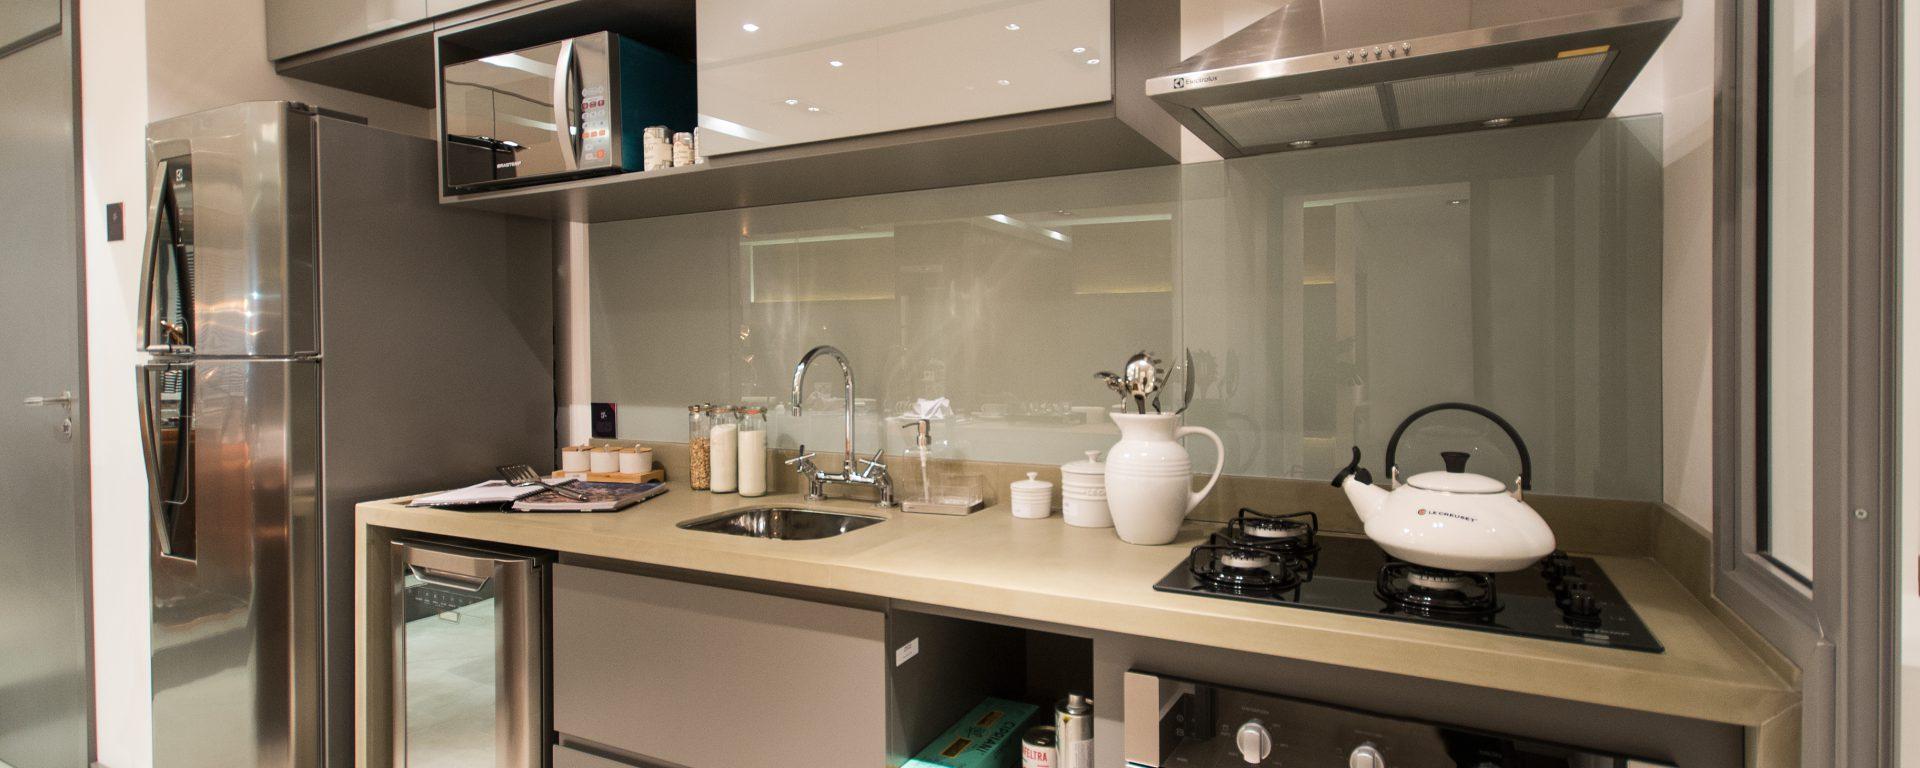 cozinha-moderna-trisul